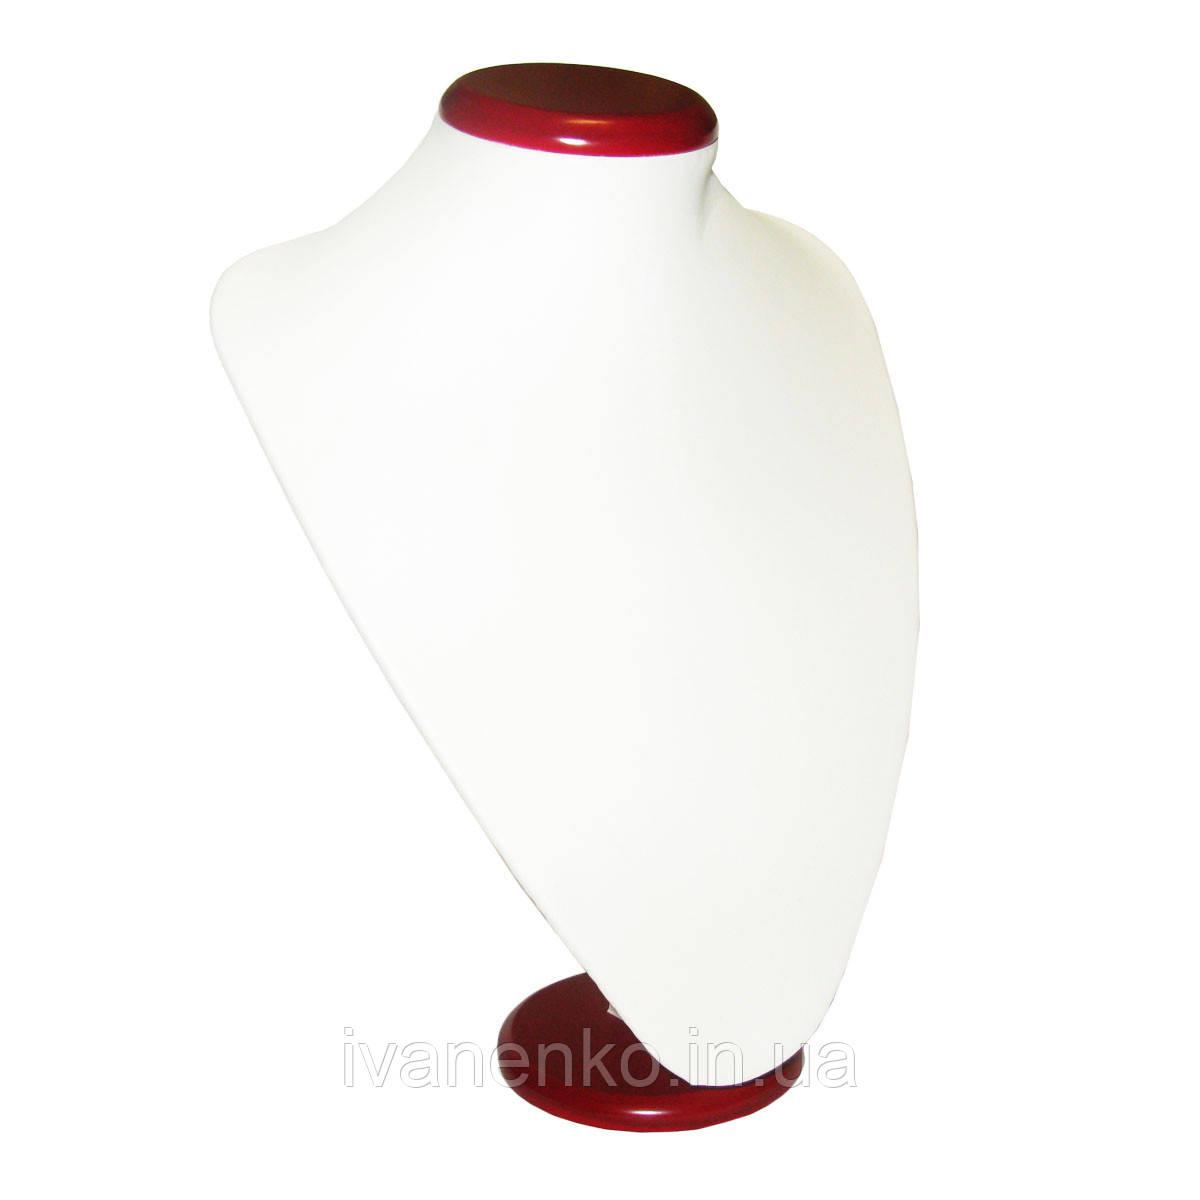 Подставка бюст шеи для ювелирных изделий высотой 28,5 см - ЧП Иваненко в  Харькове 87f9d39b4fb